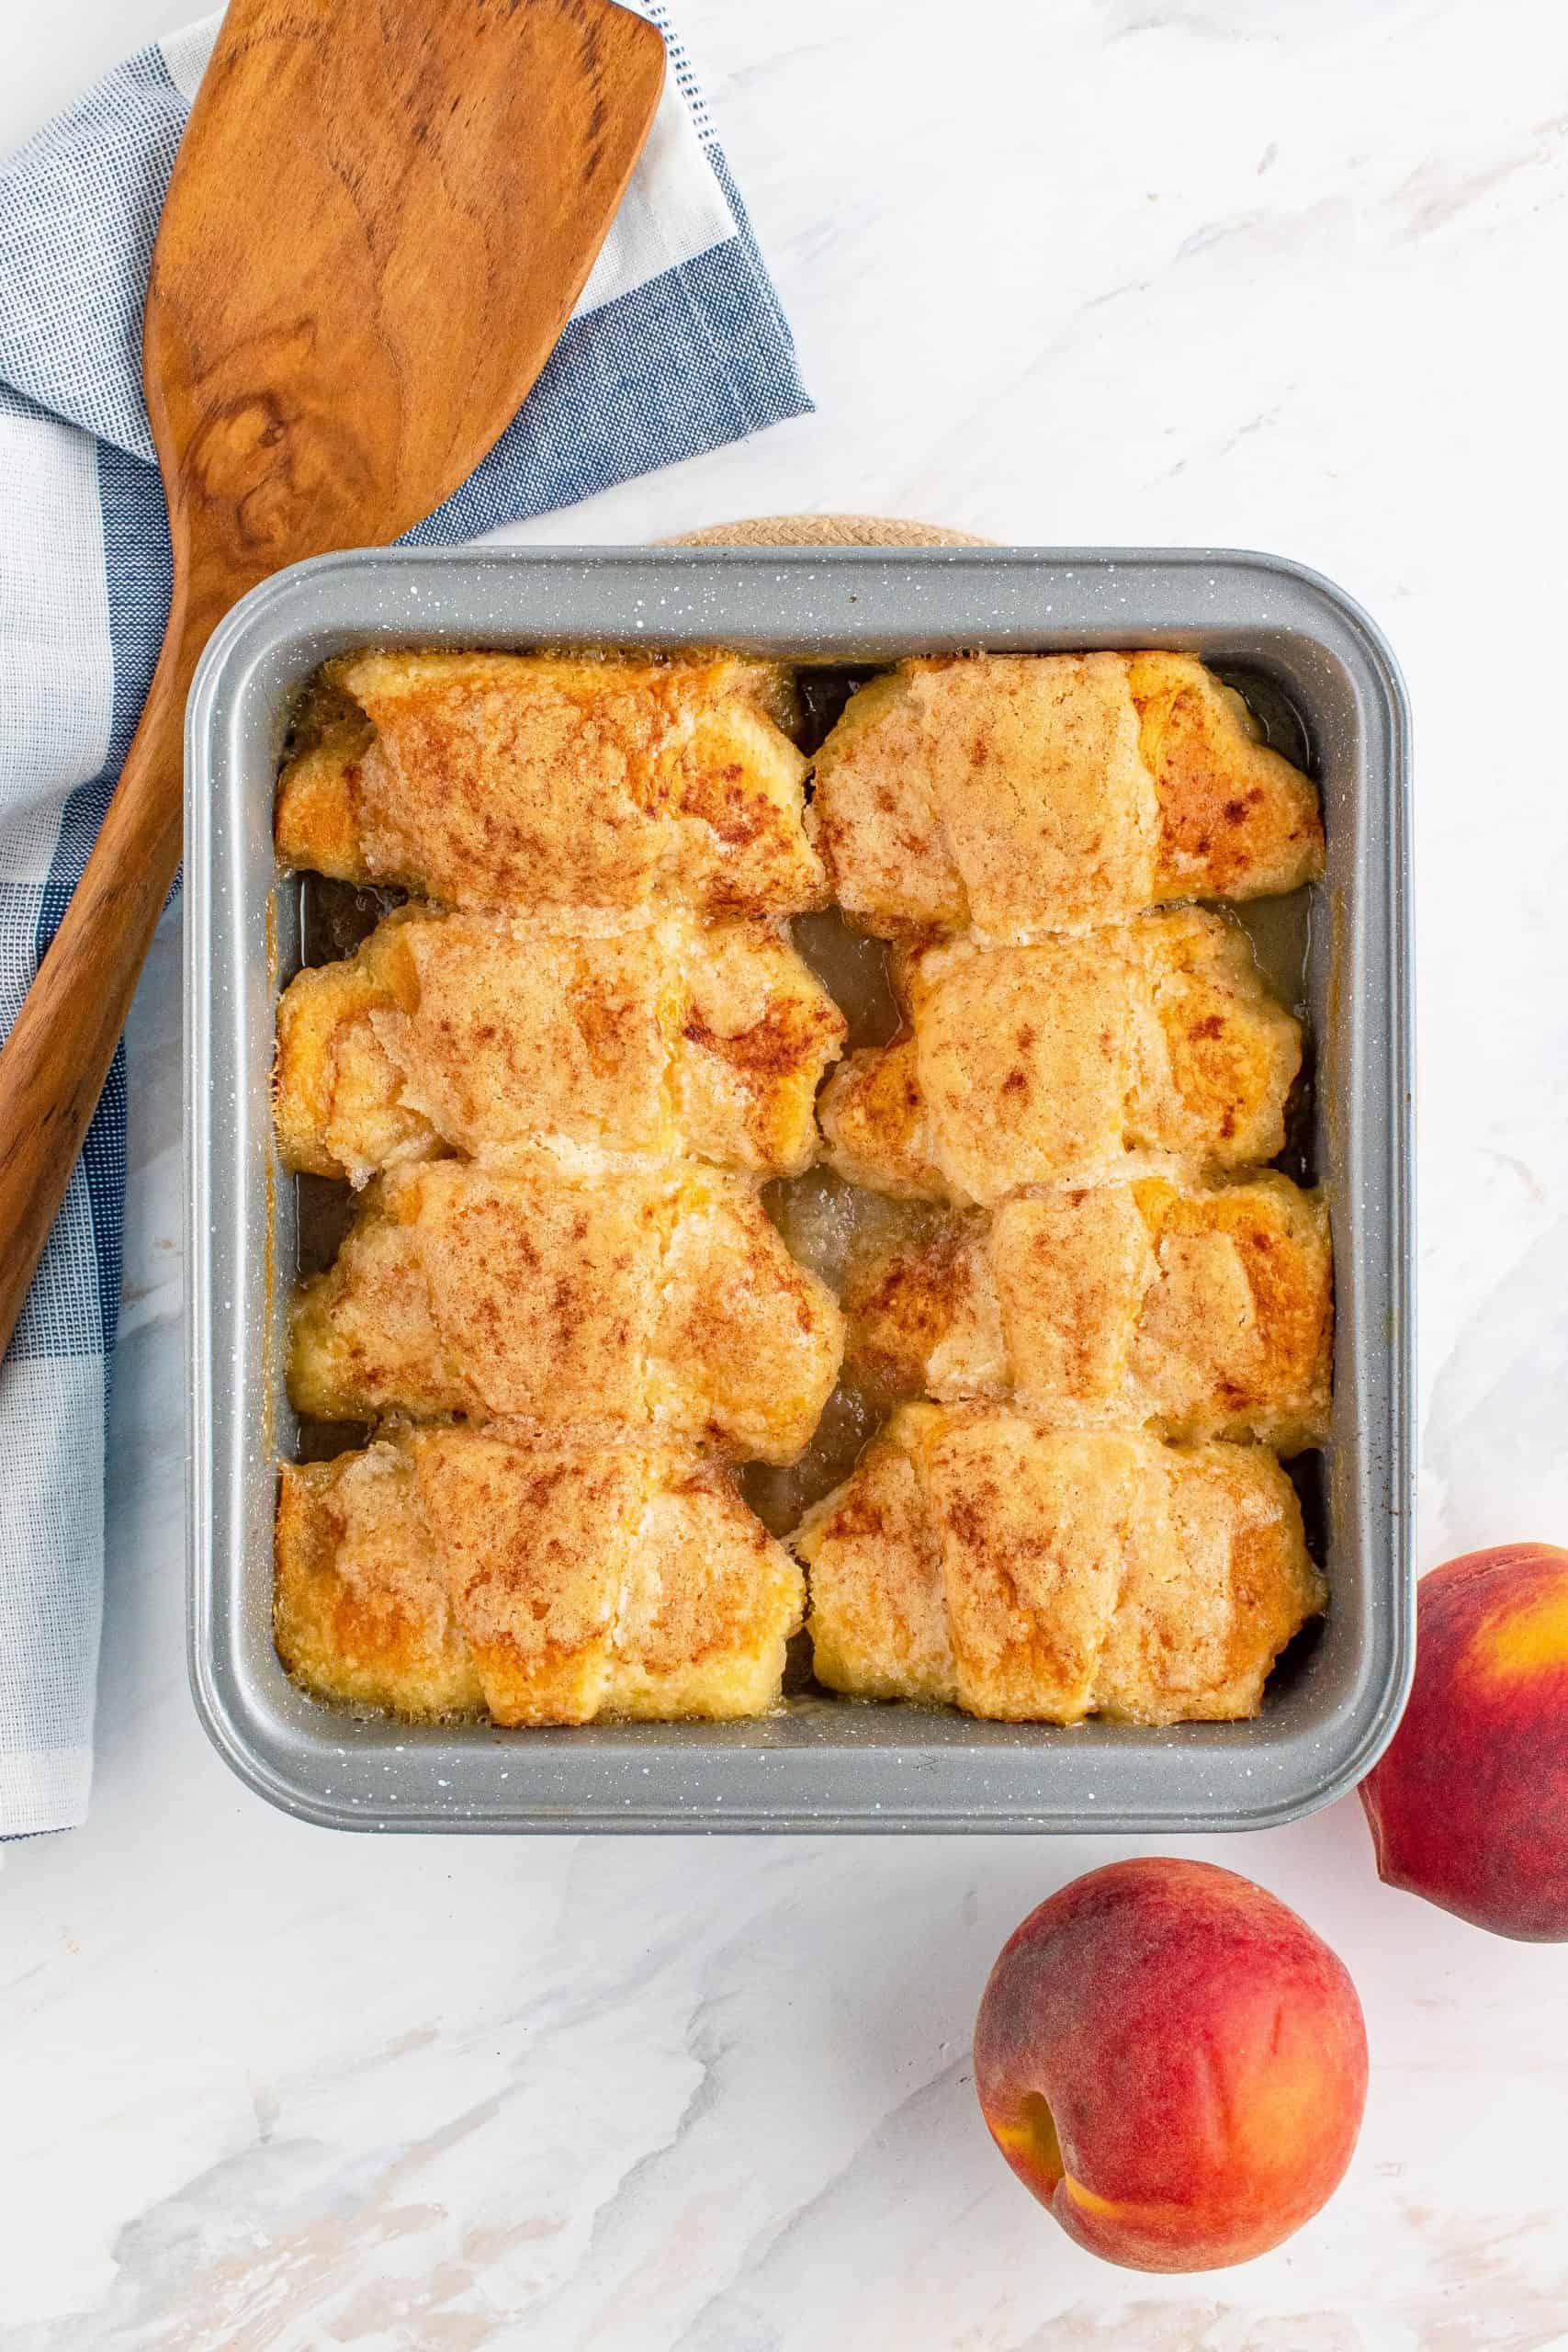 Finished Easy Fresh Peach Dumplings in pan.